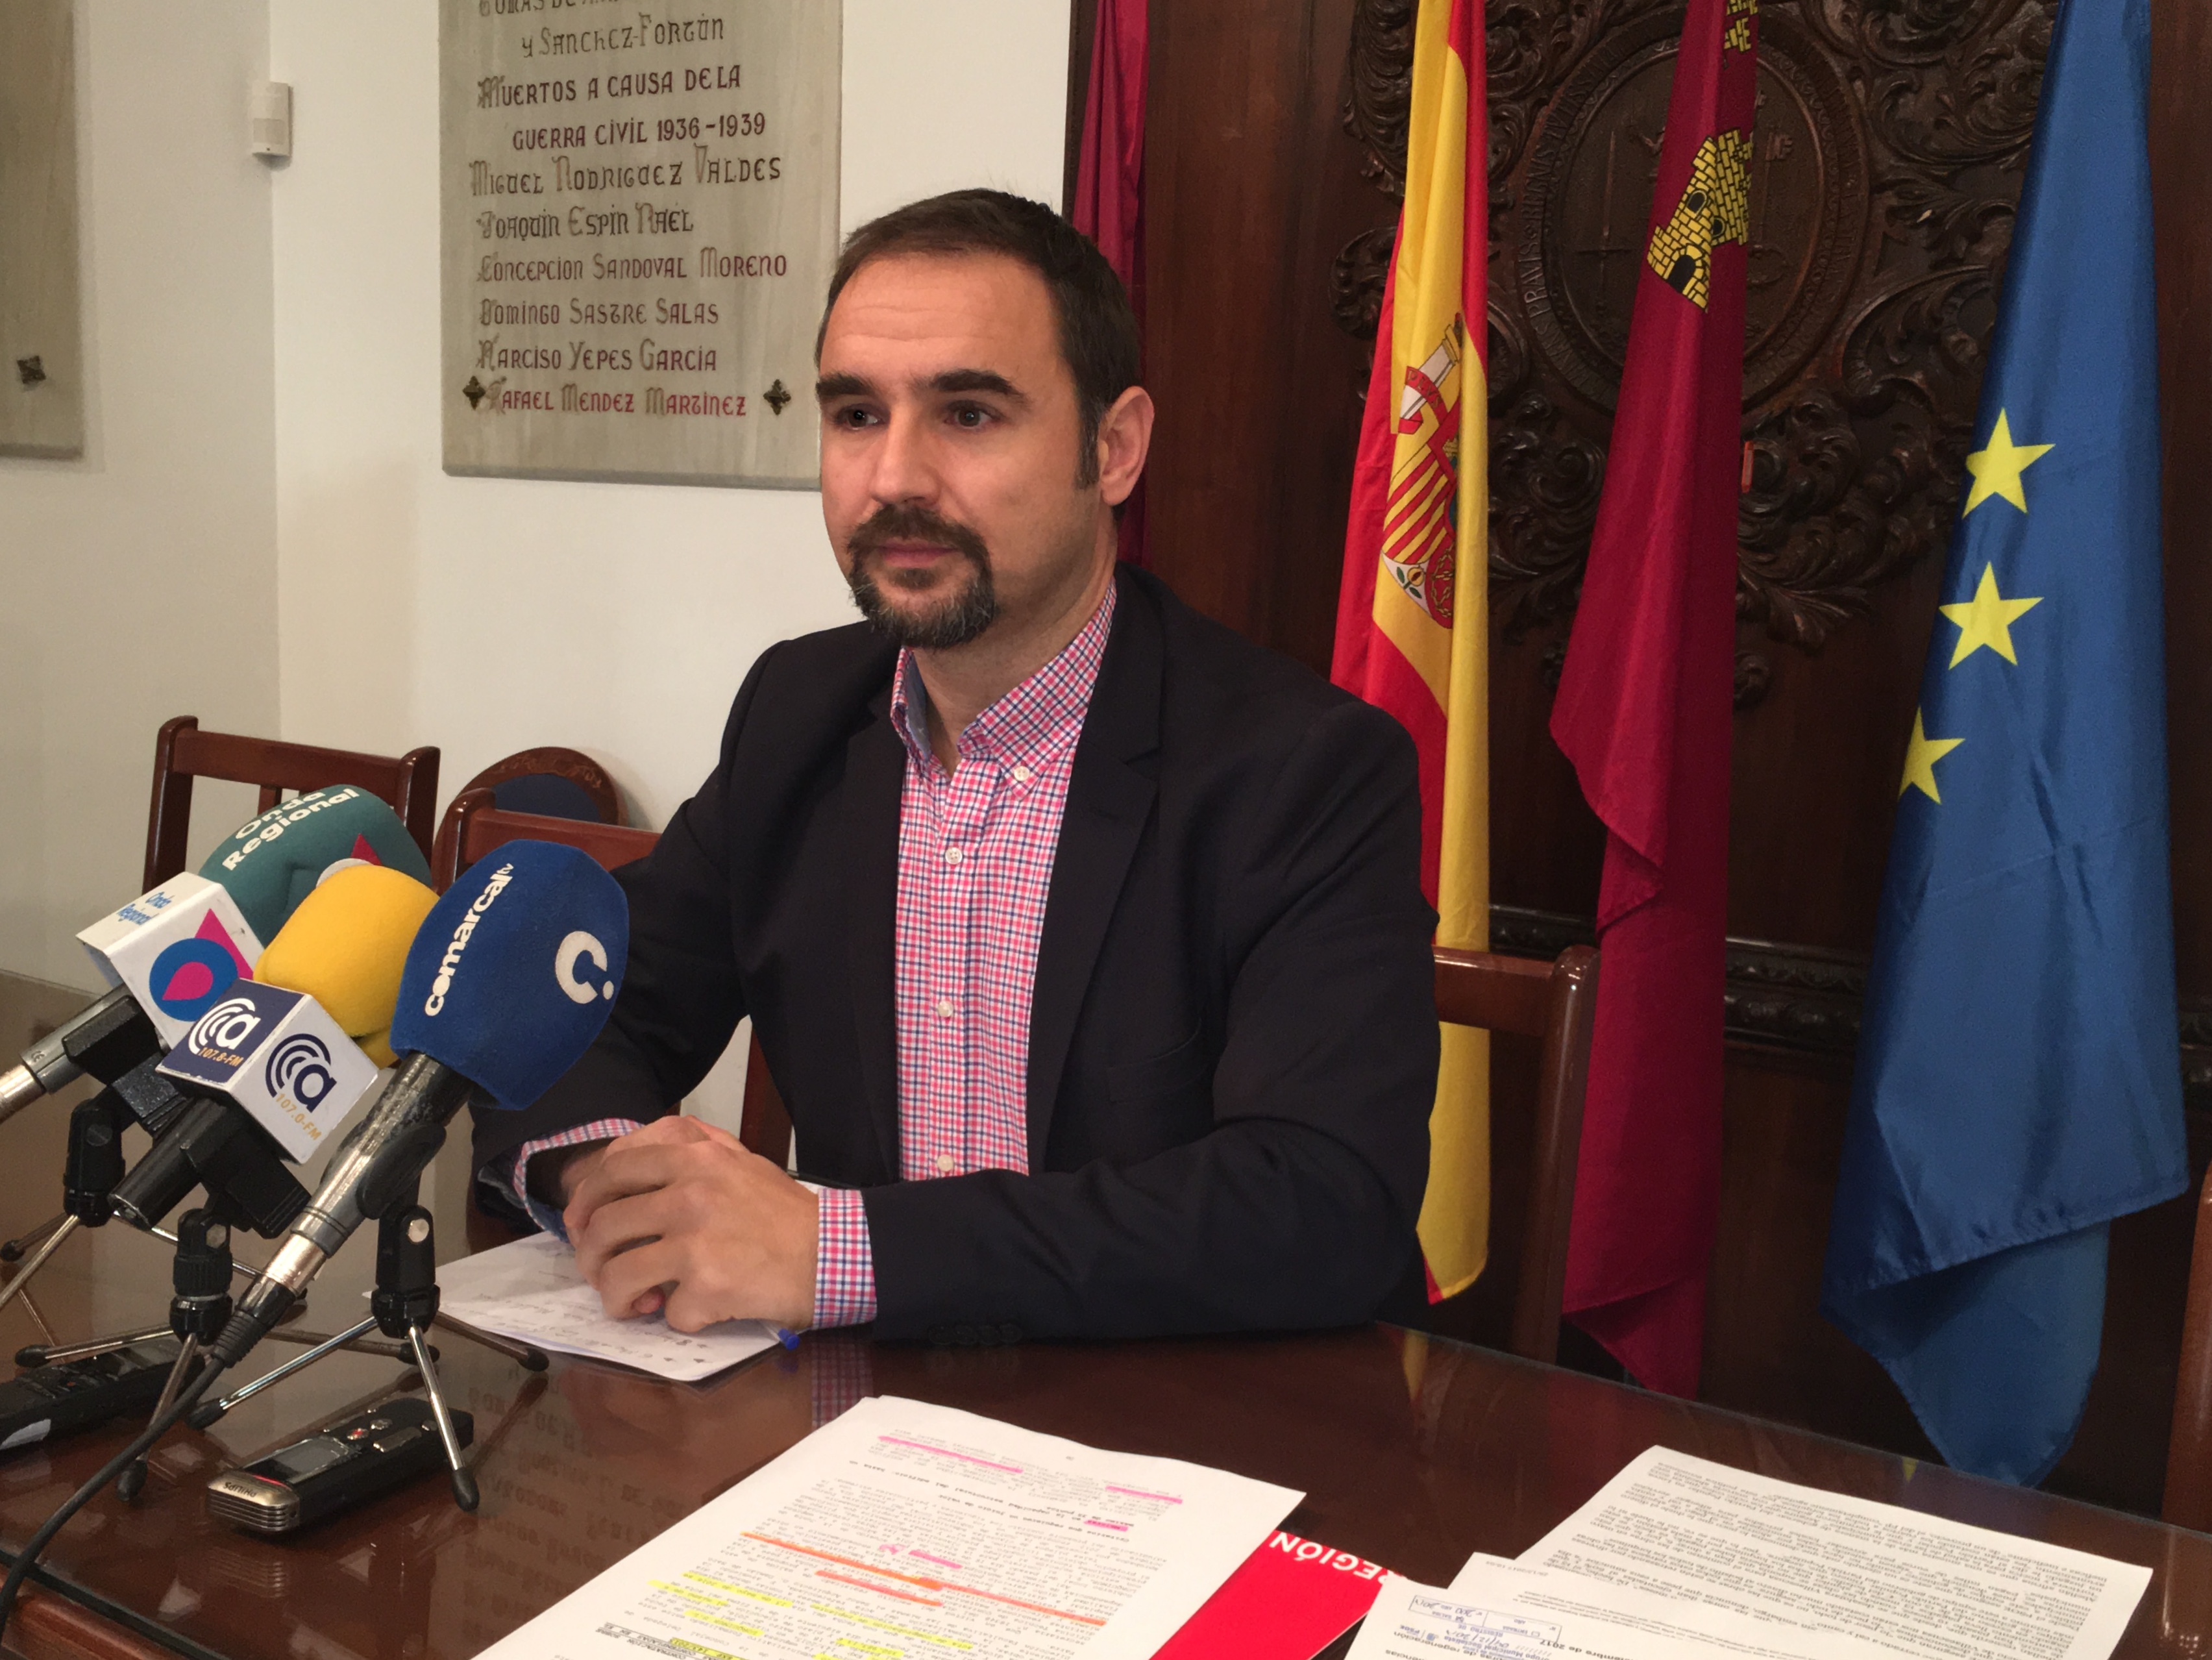 Mateos vuelve a exigir mayor control, coordinación y planificación en las obras que tienen levantada la ciudad para minimizar las molestias